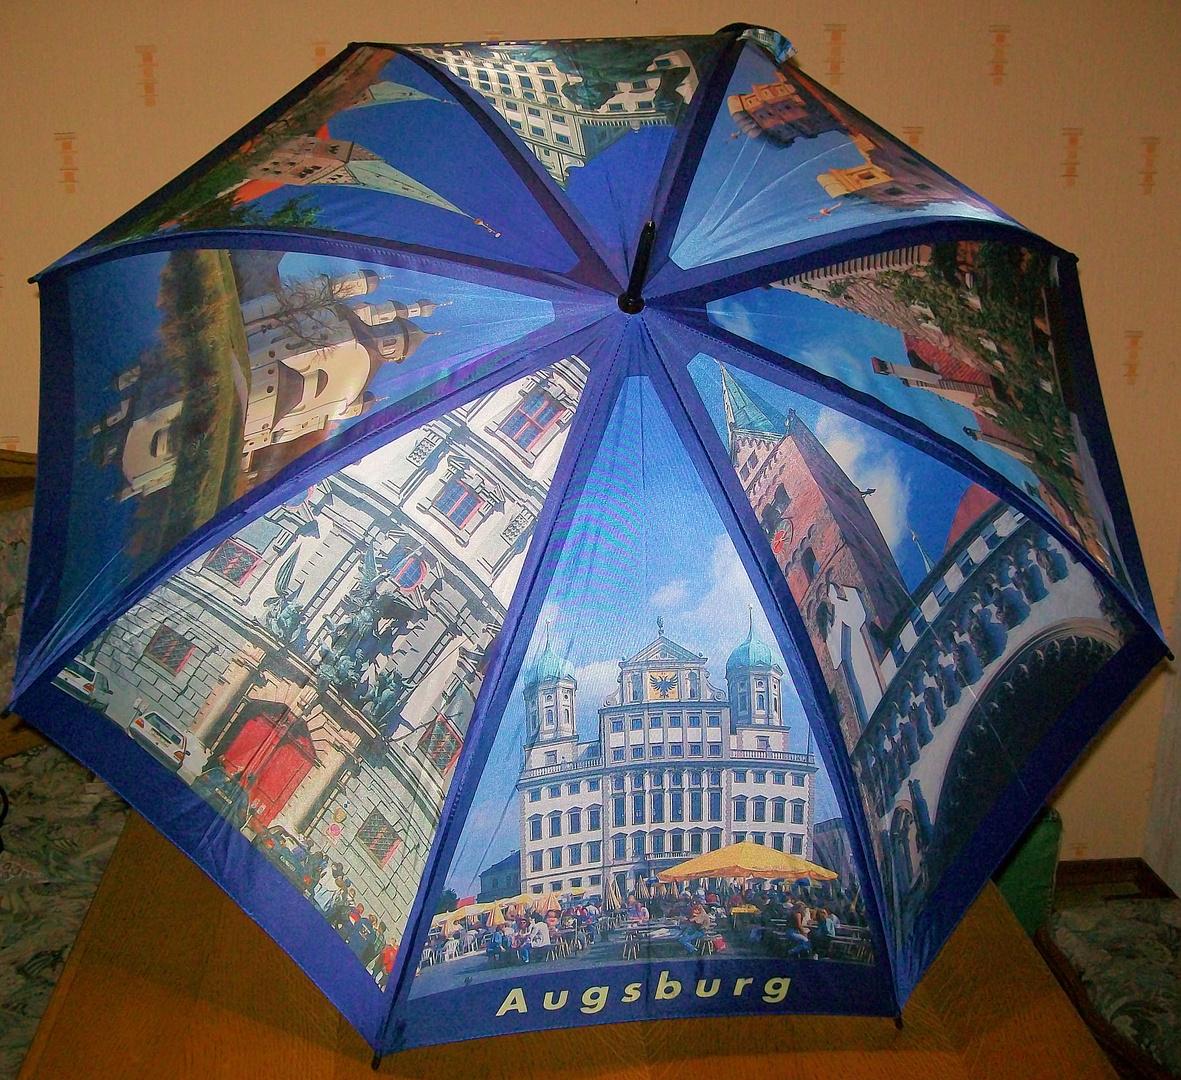 Augsburg - Motive auf einem Regenschirm